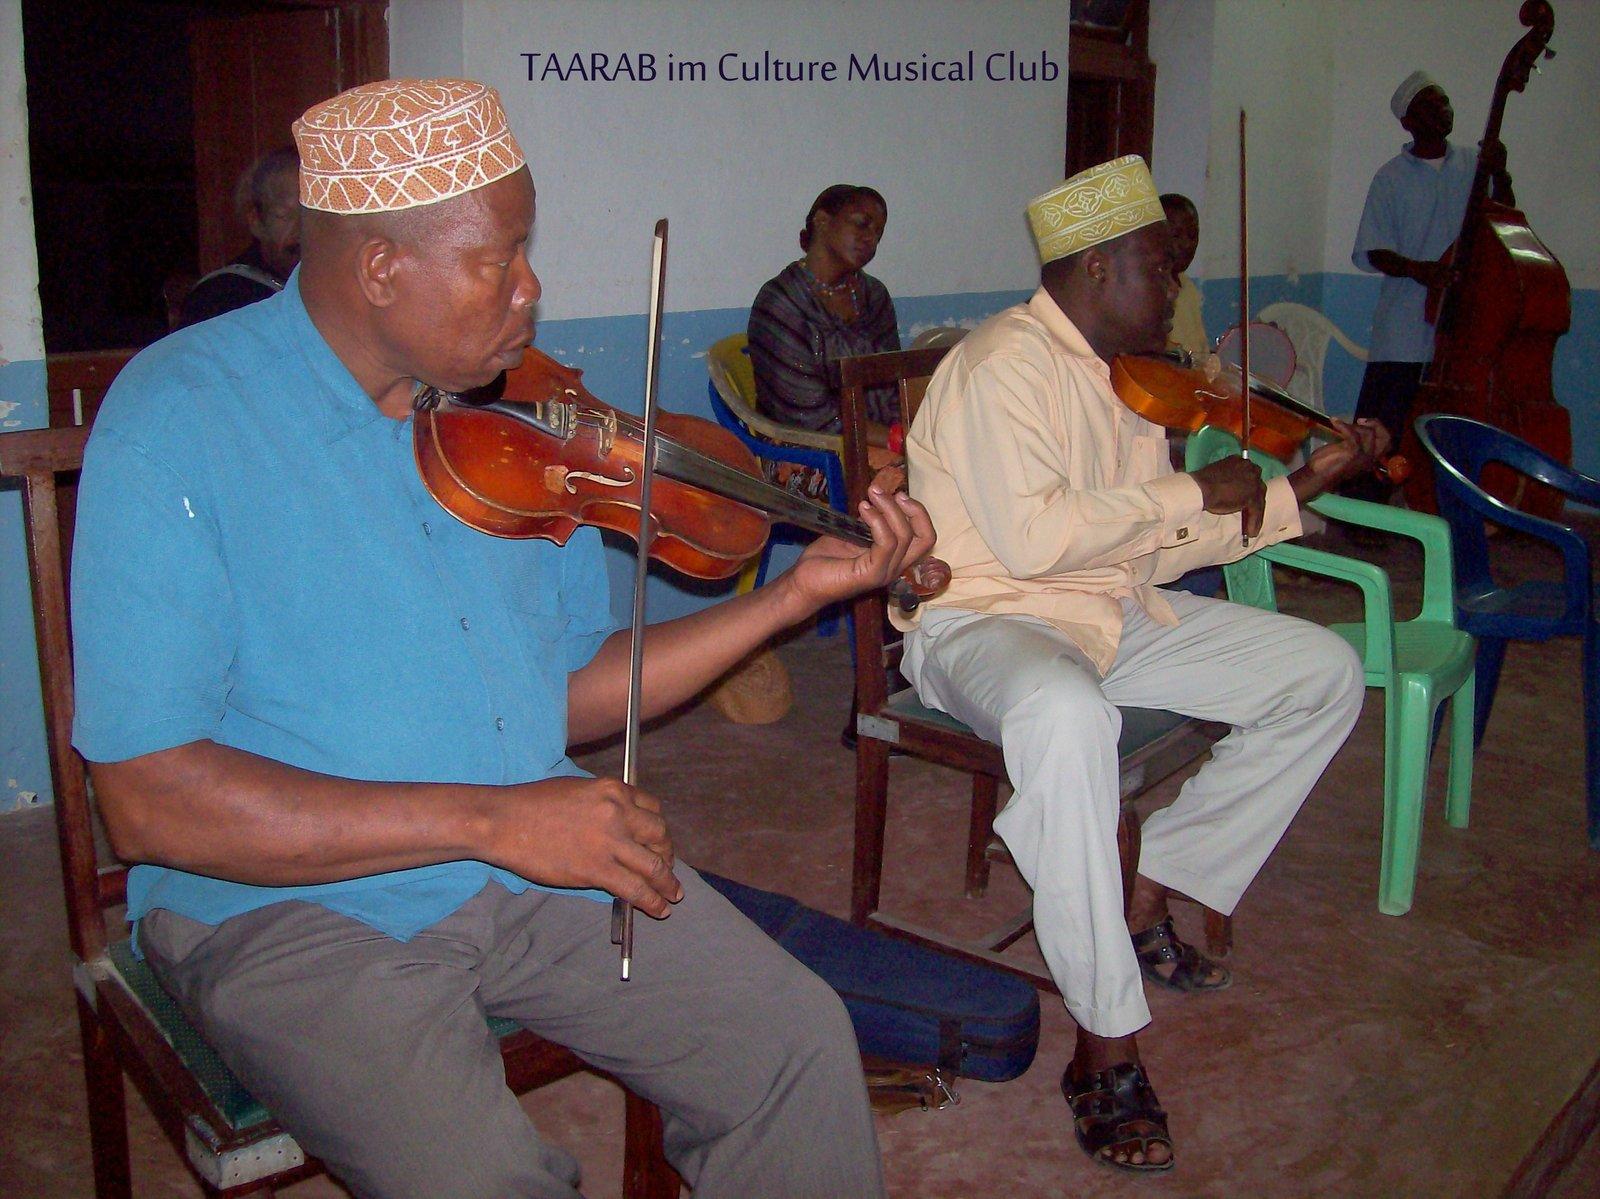 Culture Musical Club - Stone Town